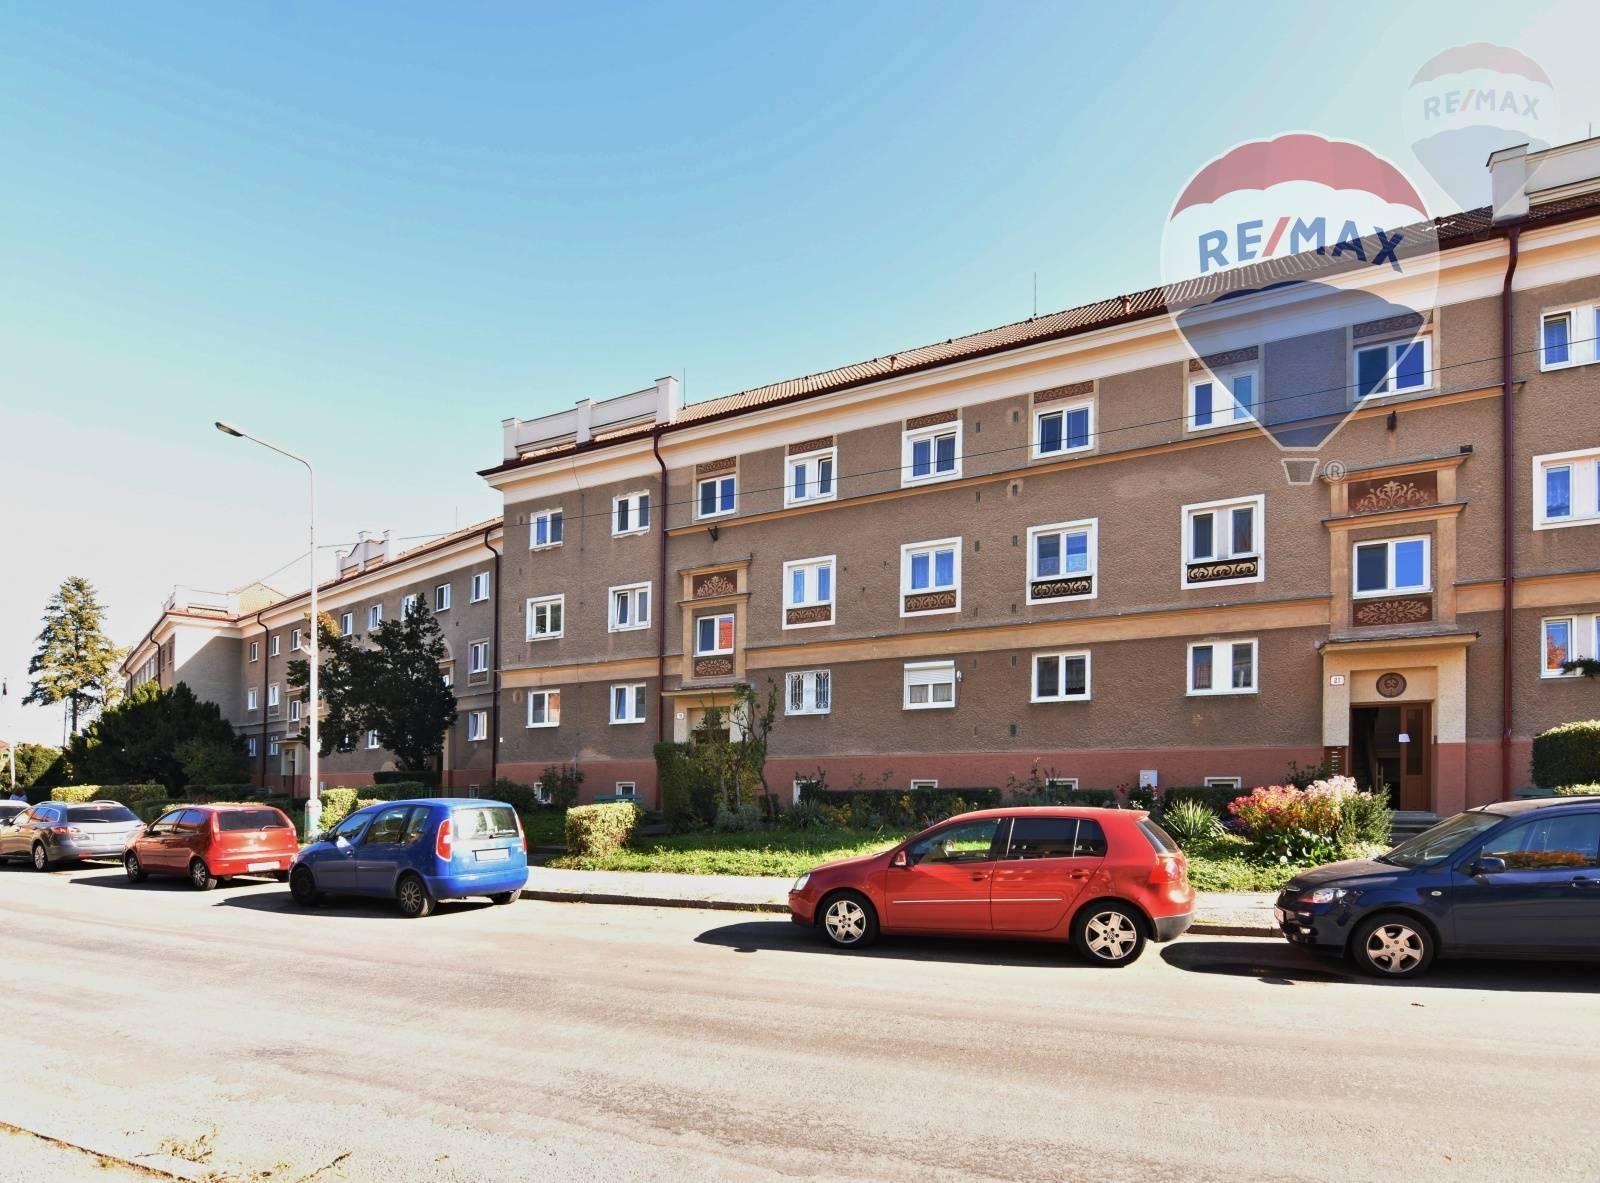 Predaj bytu (2 izbový) 62 m2, Prievidza - TEHLOVÝ Byt 2-izbový 62m2 Staré sídlisko Prievidza